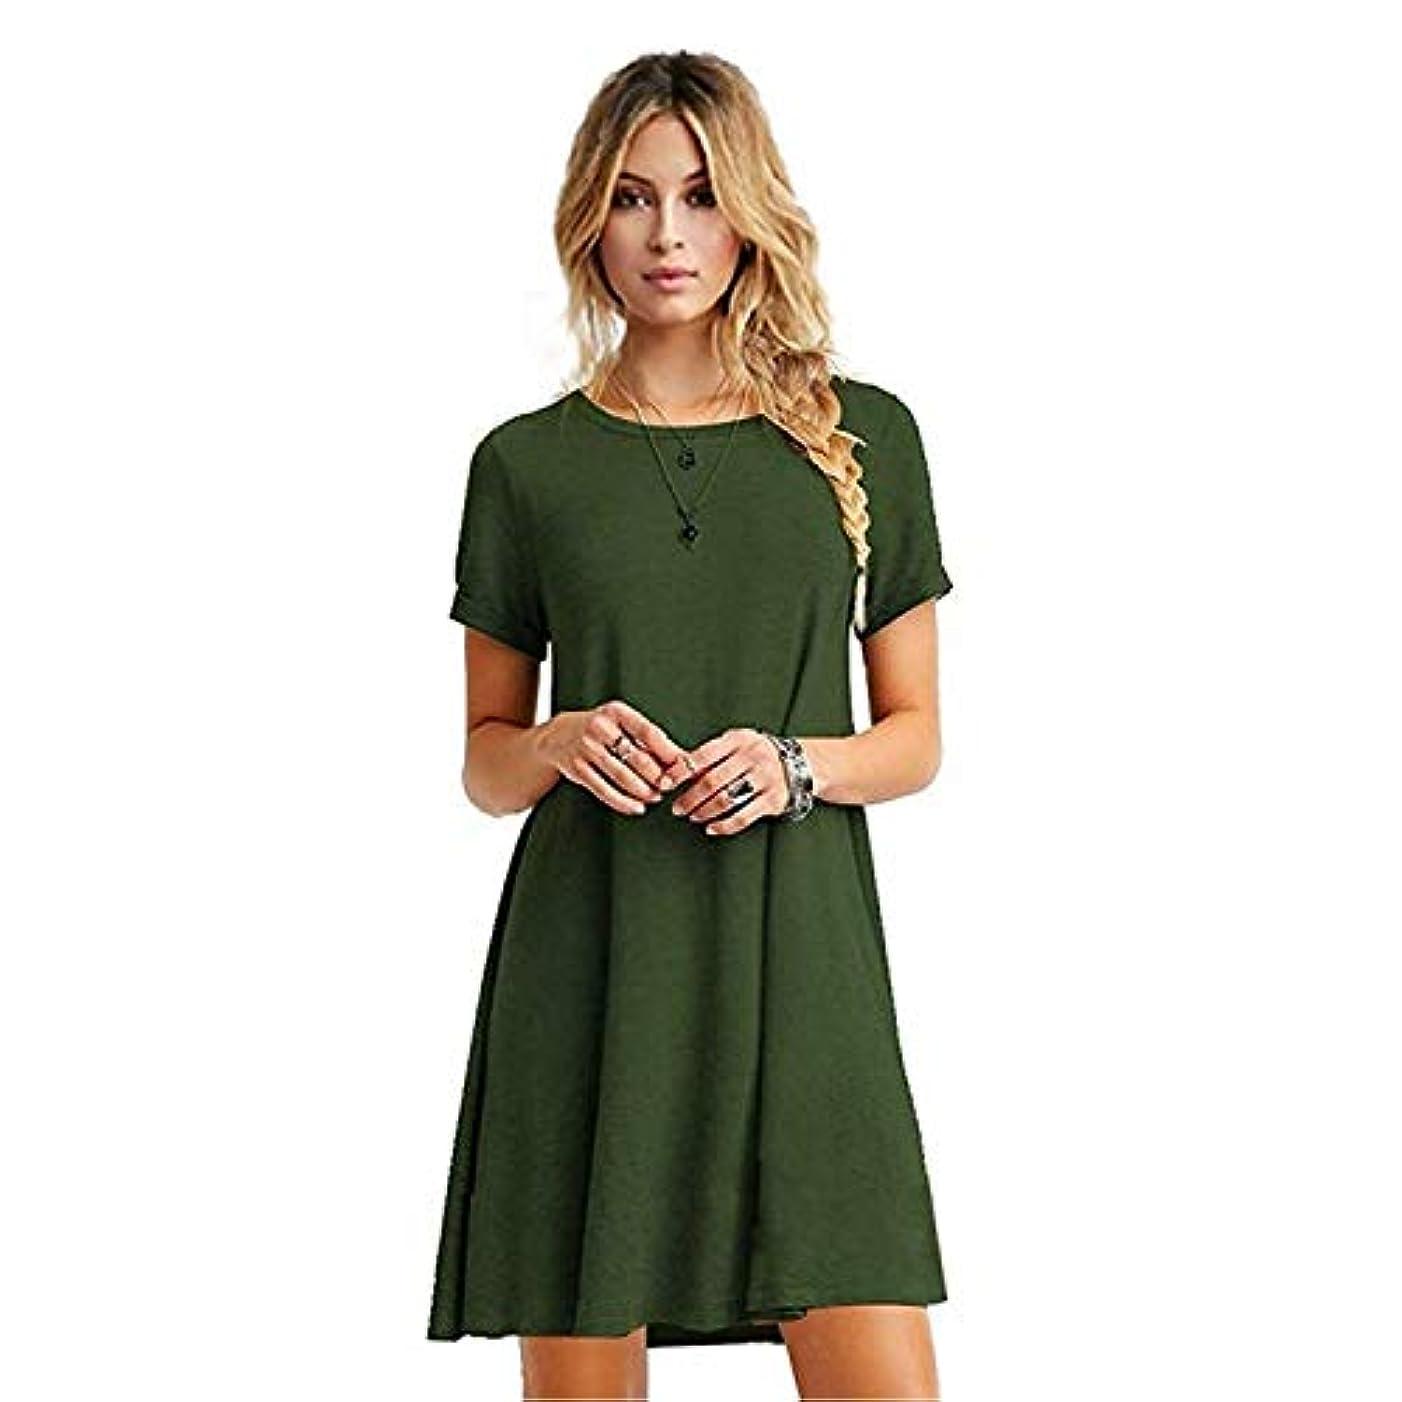 増強するバルセロナ荒れ地MIFAN女性のファッション、カジュアル、ドレス、シャツ、コットン、半袖、無地、ミニ、ビーチドレス、プラスサイズのドレス